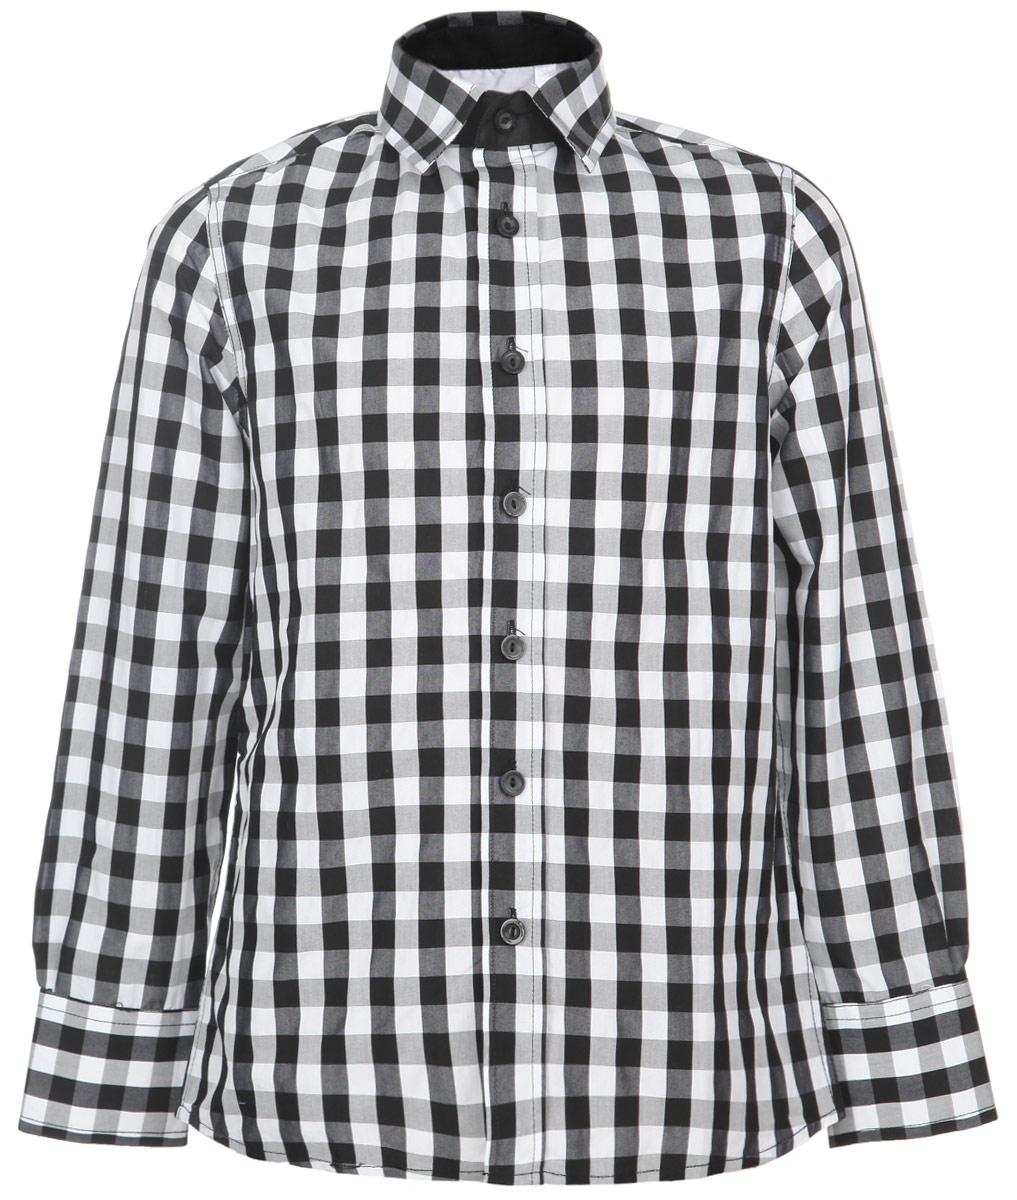 Рубашка215 01 BS C 2315Стильная рубашка для мальчика Gulliver идеально подойдет вашему маленькому мужчине. Изготовленная из натурального хлопка, она необычайно мягкая и приятная на ощупь, не сковывает движения и позволяет коже дышать, не раздражает даже самую нежную и чувствительную кожу ребенка, обеспечивая ему наибольший комфорт. Рубашка классического кроя с отложным воротничком застегивается на пуговицы по всей длине. Рукава имеют широкие манжеты, застегивающиеся на пуговички. Оформлено изделие принтом в клетку. Современный дизайн и расцветка делают эту рубашку модным и стильным предметом детского гардероба. В ней ваш ребенок всегда будет в центре внимания!